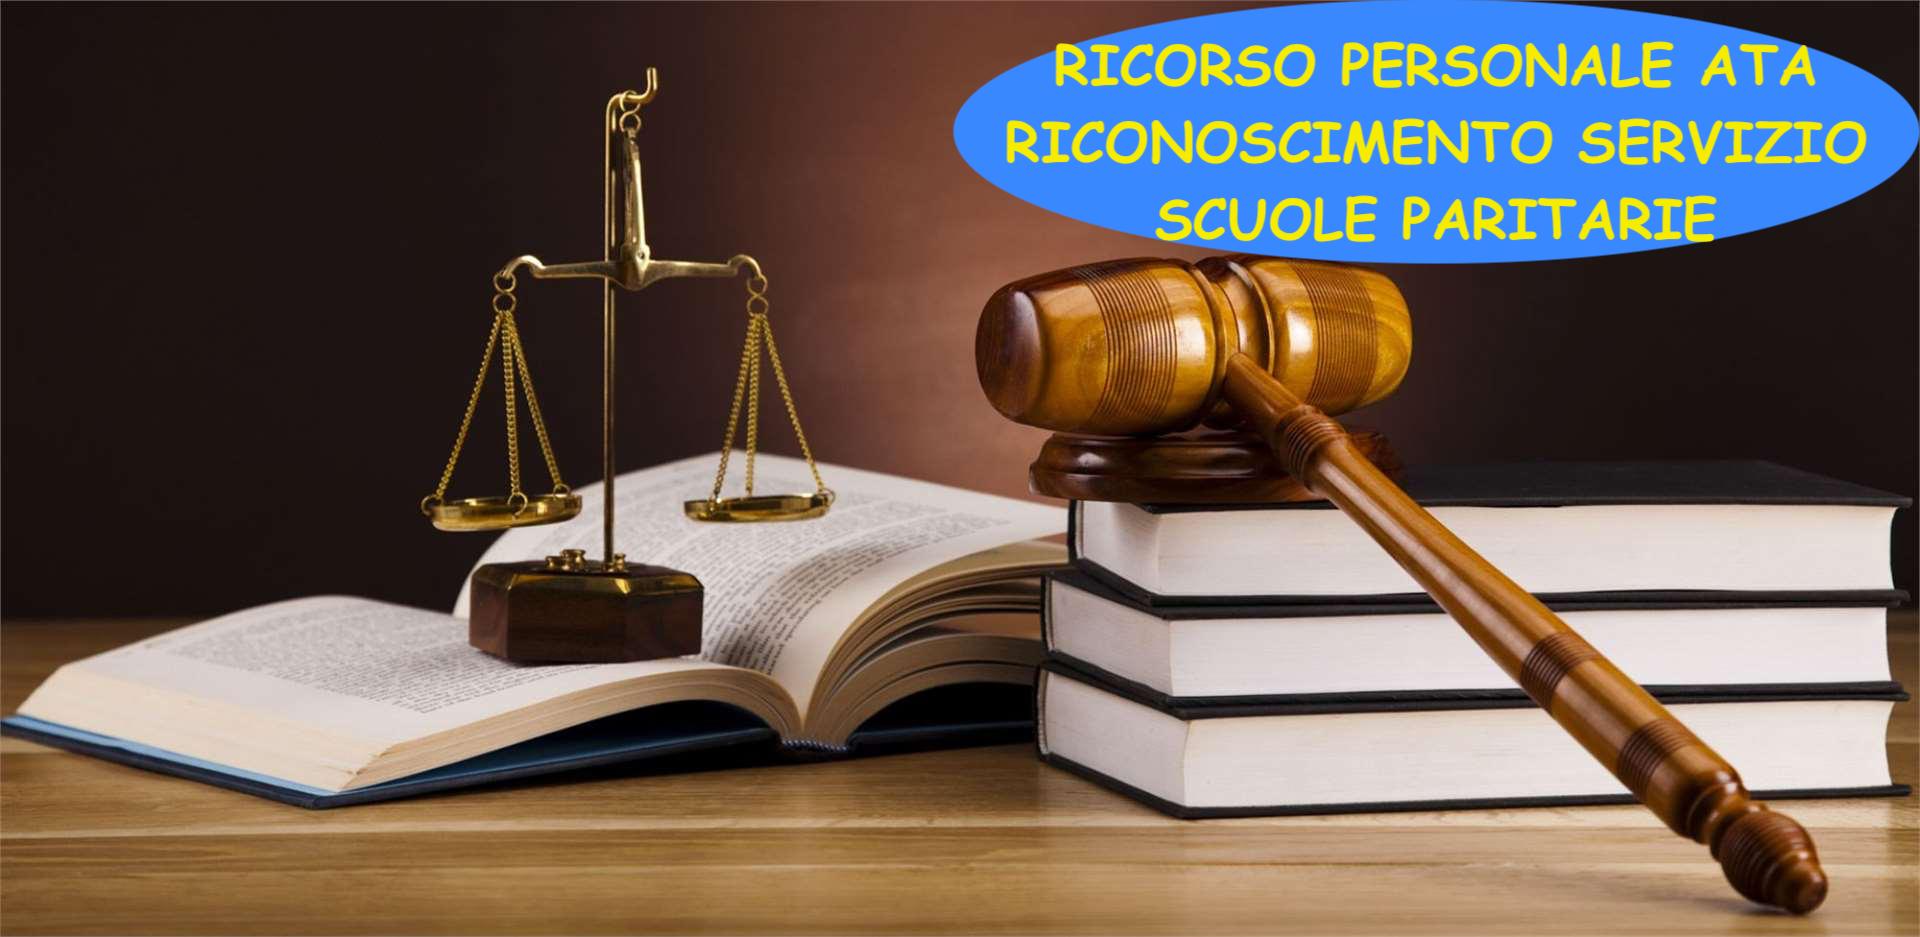 RICORSO ATA PER IL RICONOSCIMENTO  SERVIZIO SCUOLE PARITARIE. SCADENZA ADESIONI 15 MAGGIO.